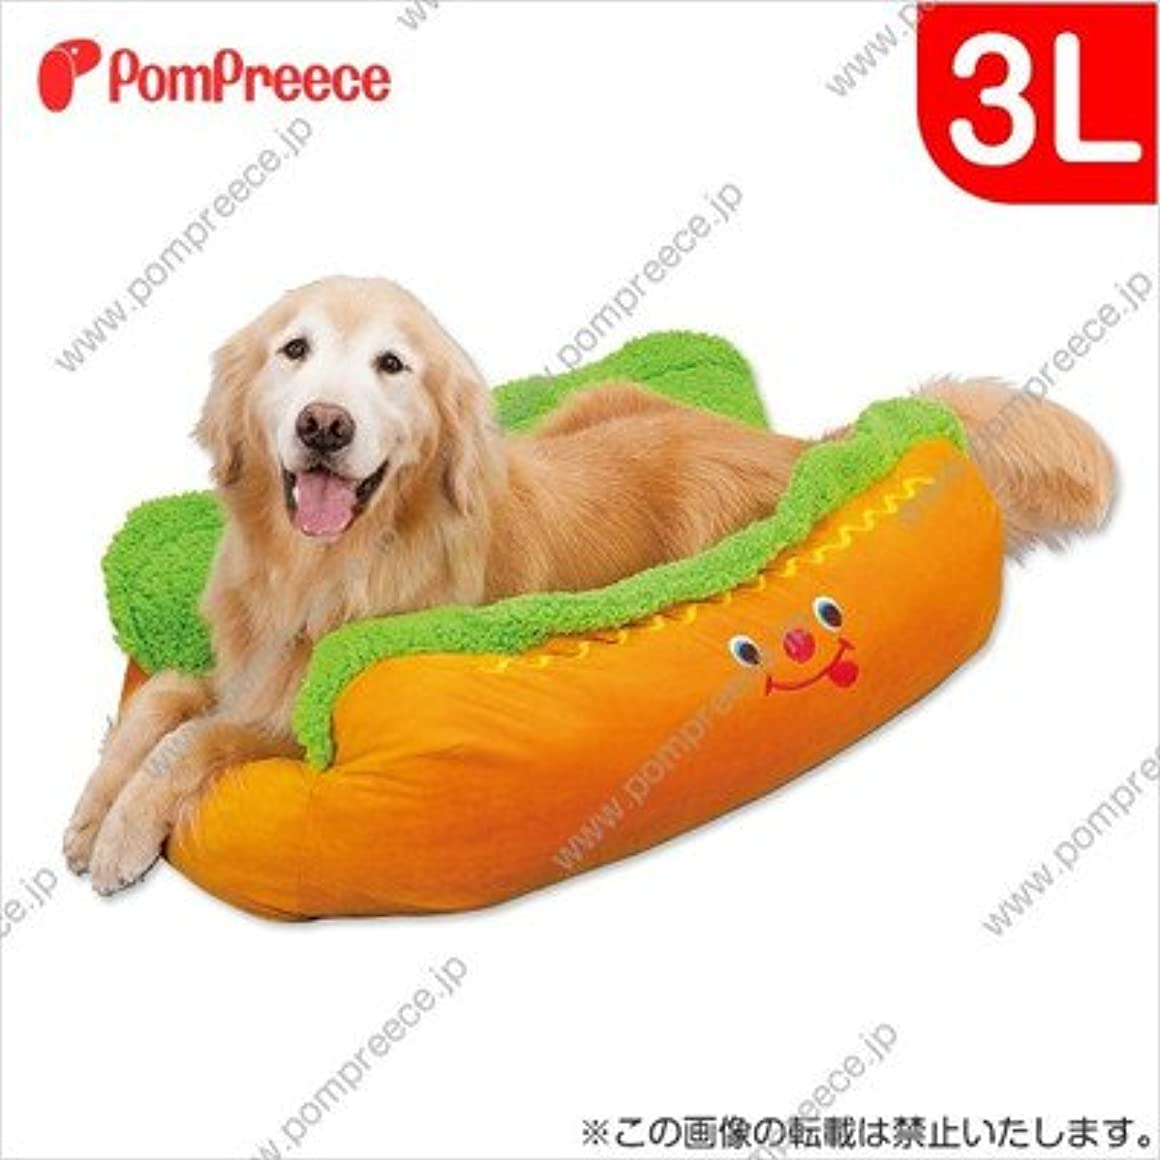 嫌な揺れるお尻ノーブランド品 ホットドッグカドラー(ベッド) 3L (ペット用 大型犬 カドラー ベッド)